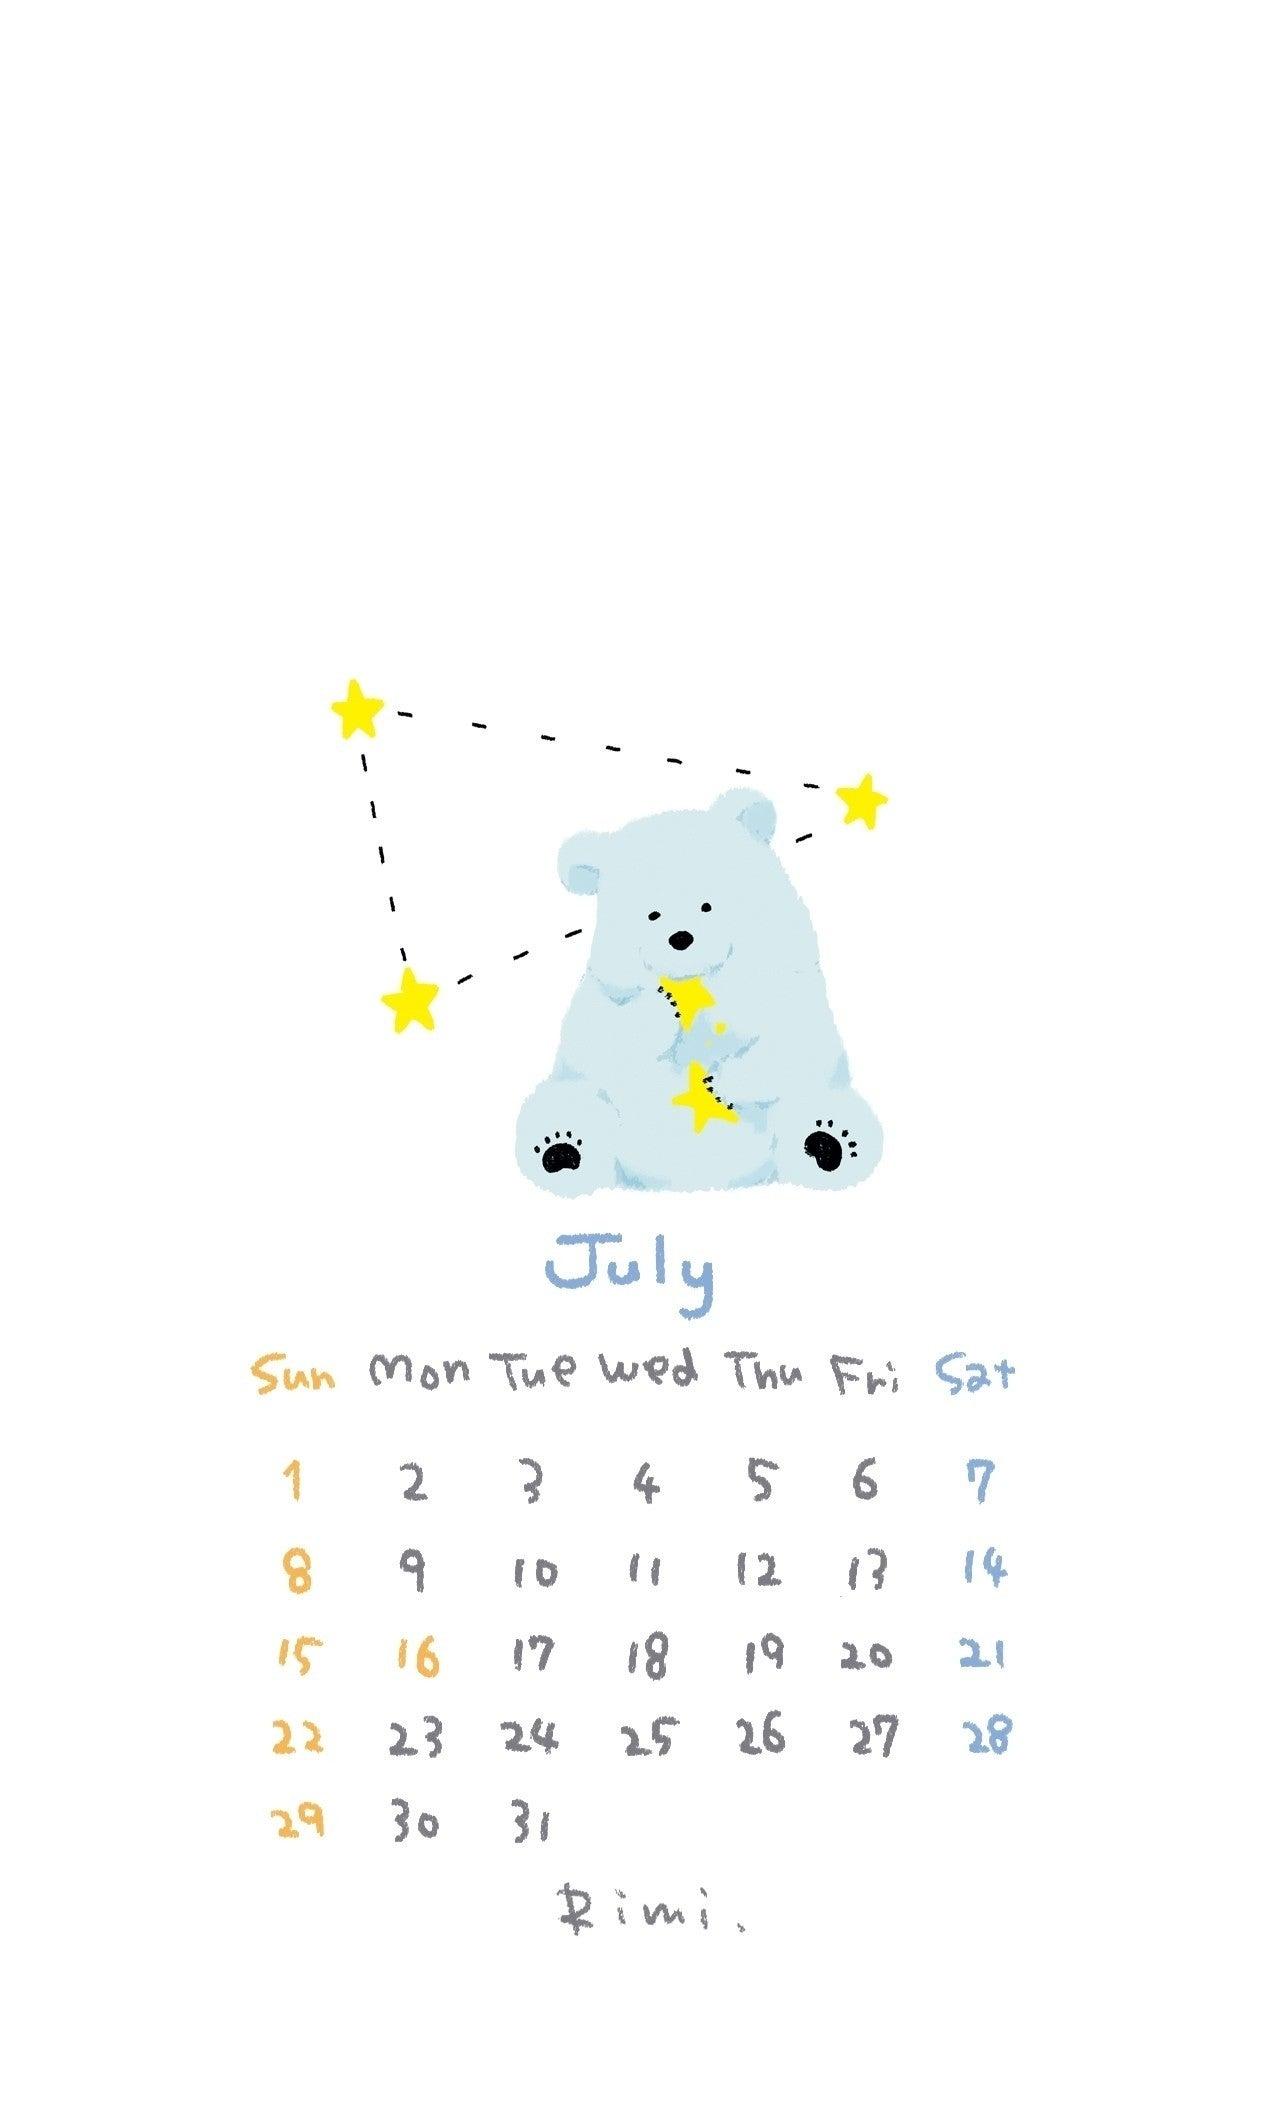 カレンダー 壁紙 Iphone スマートフォン用 Rimi ポートフォリオ用 Note